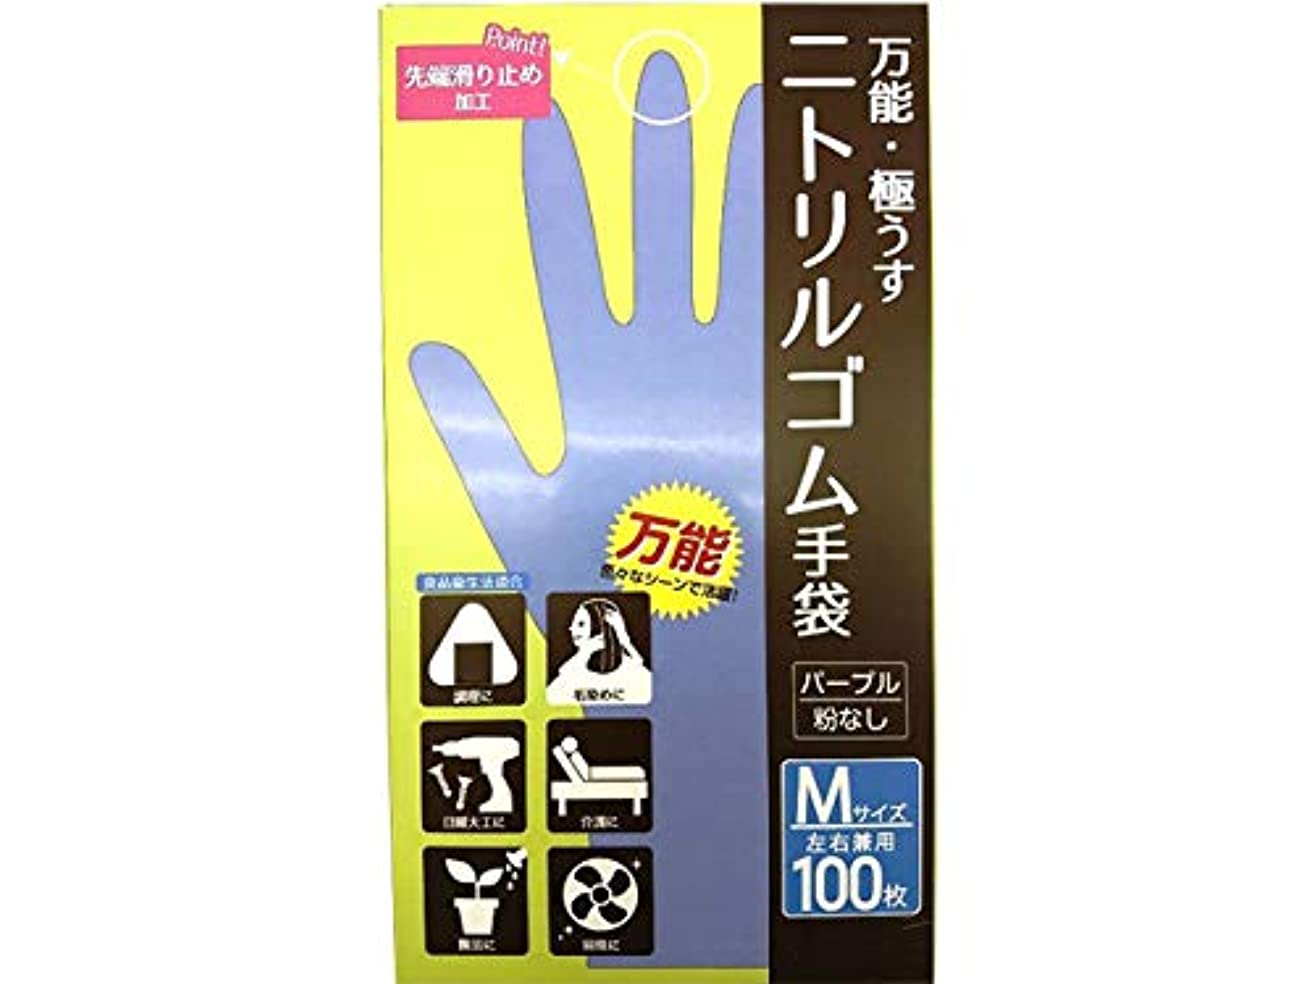 誠実してはいけません雄弁家CS ニトリルゴム手袋 M 100P